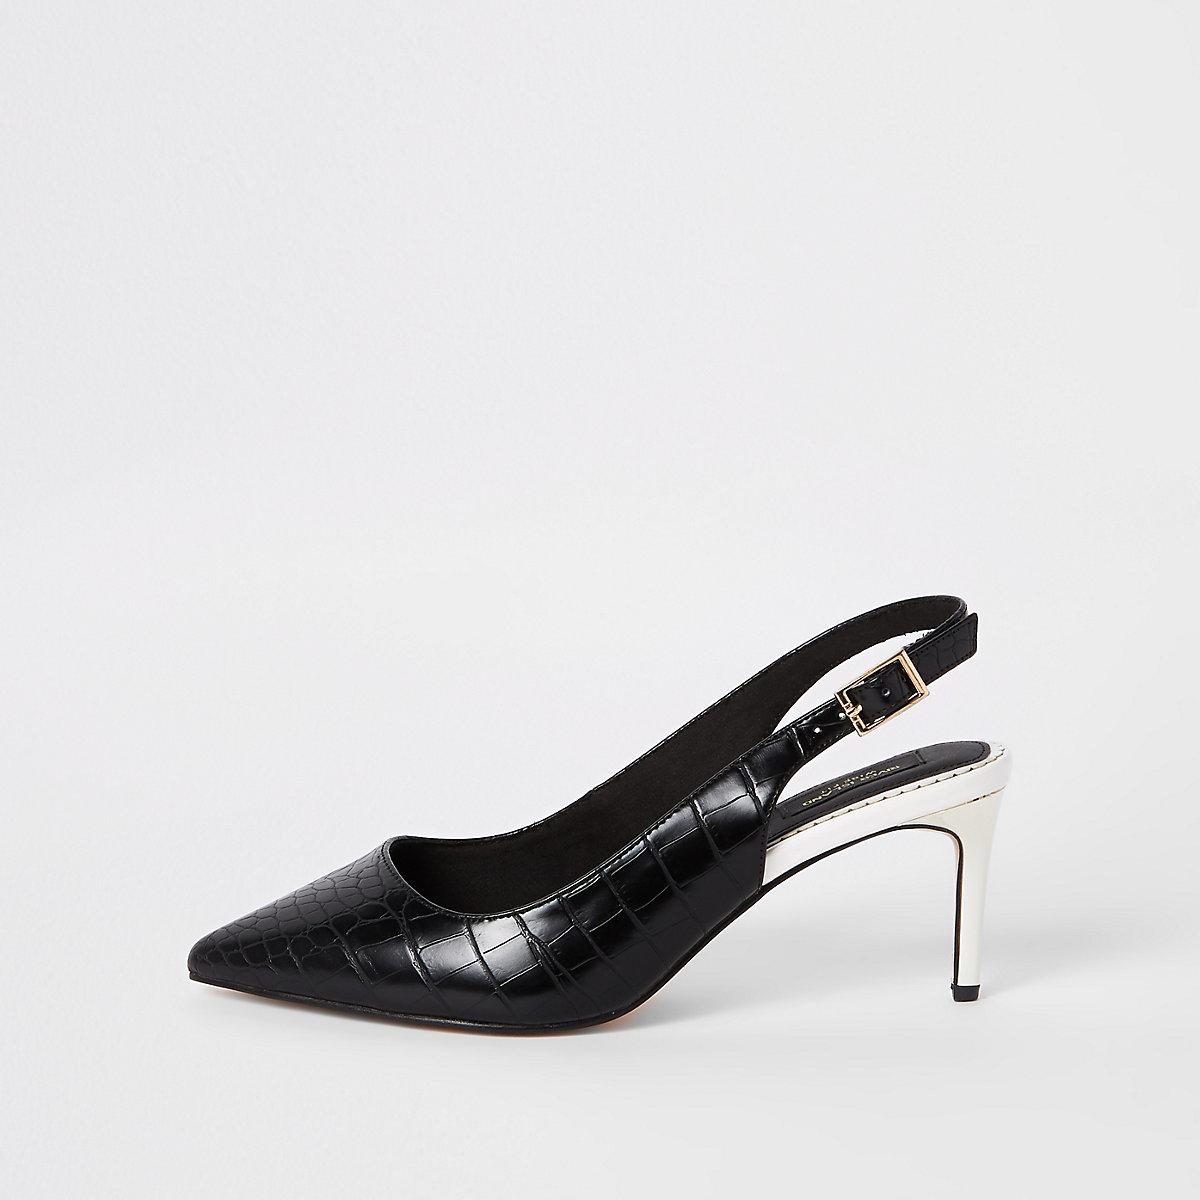 Black croc wide fit sling back court shoes